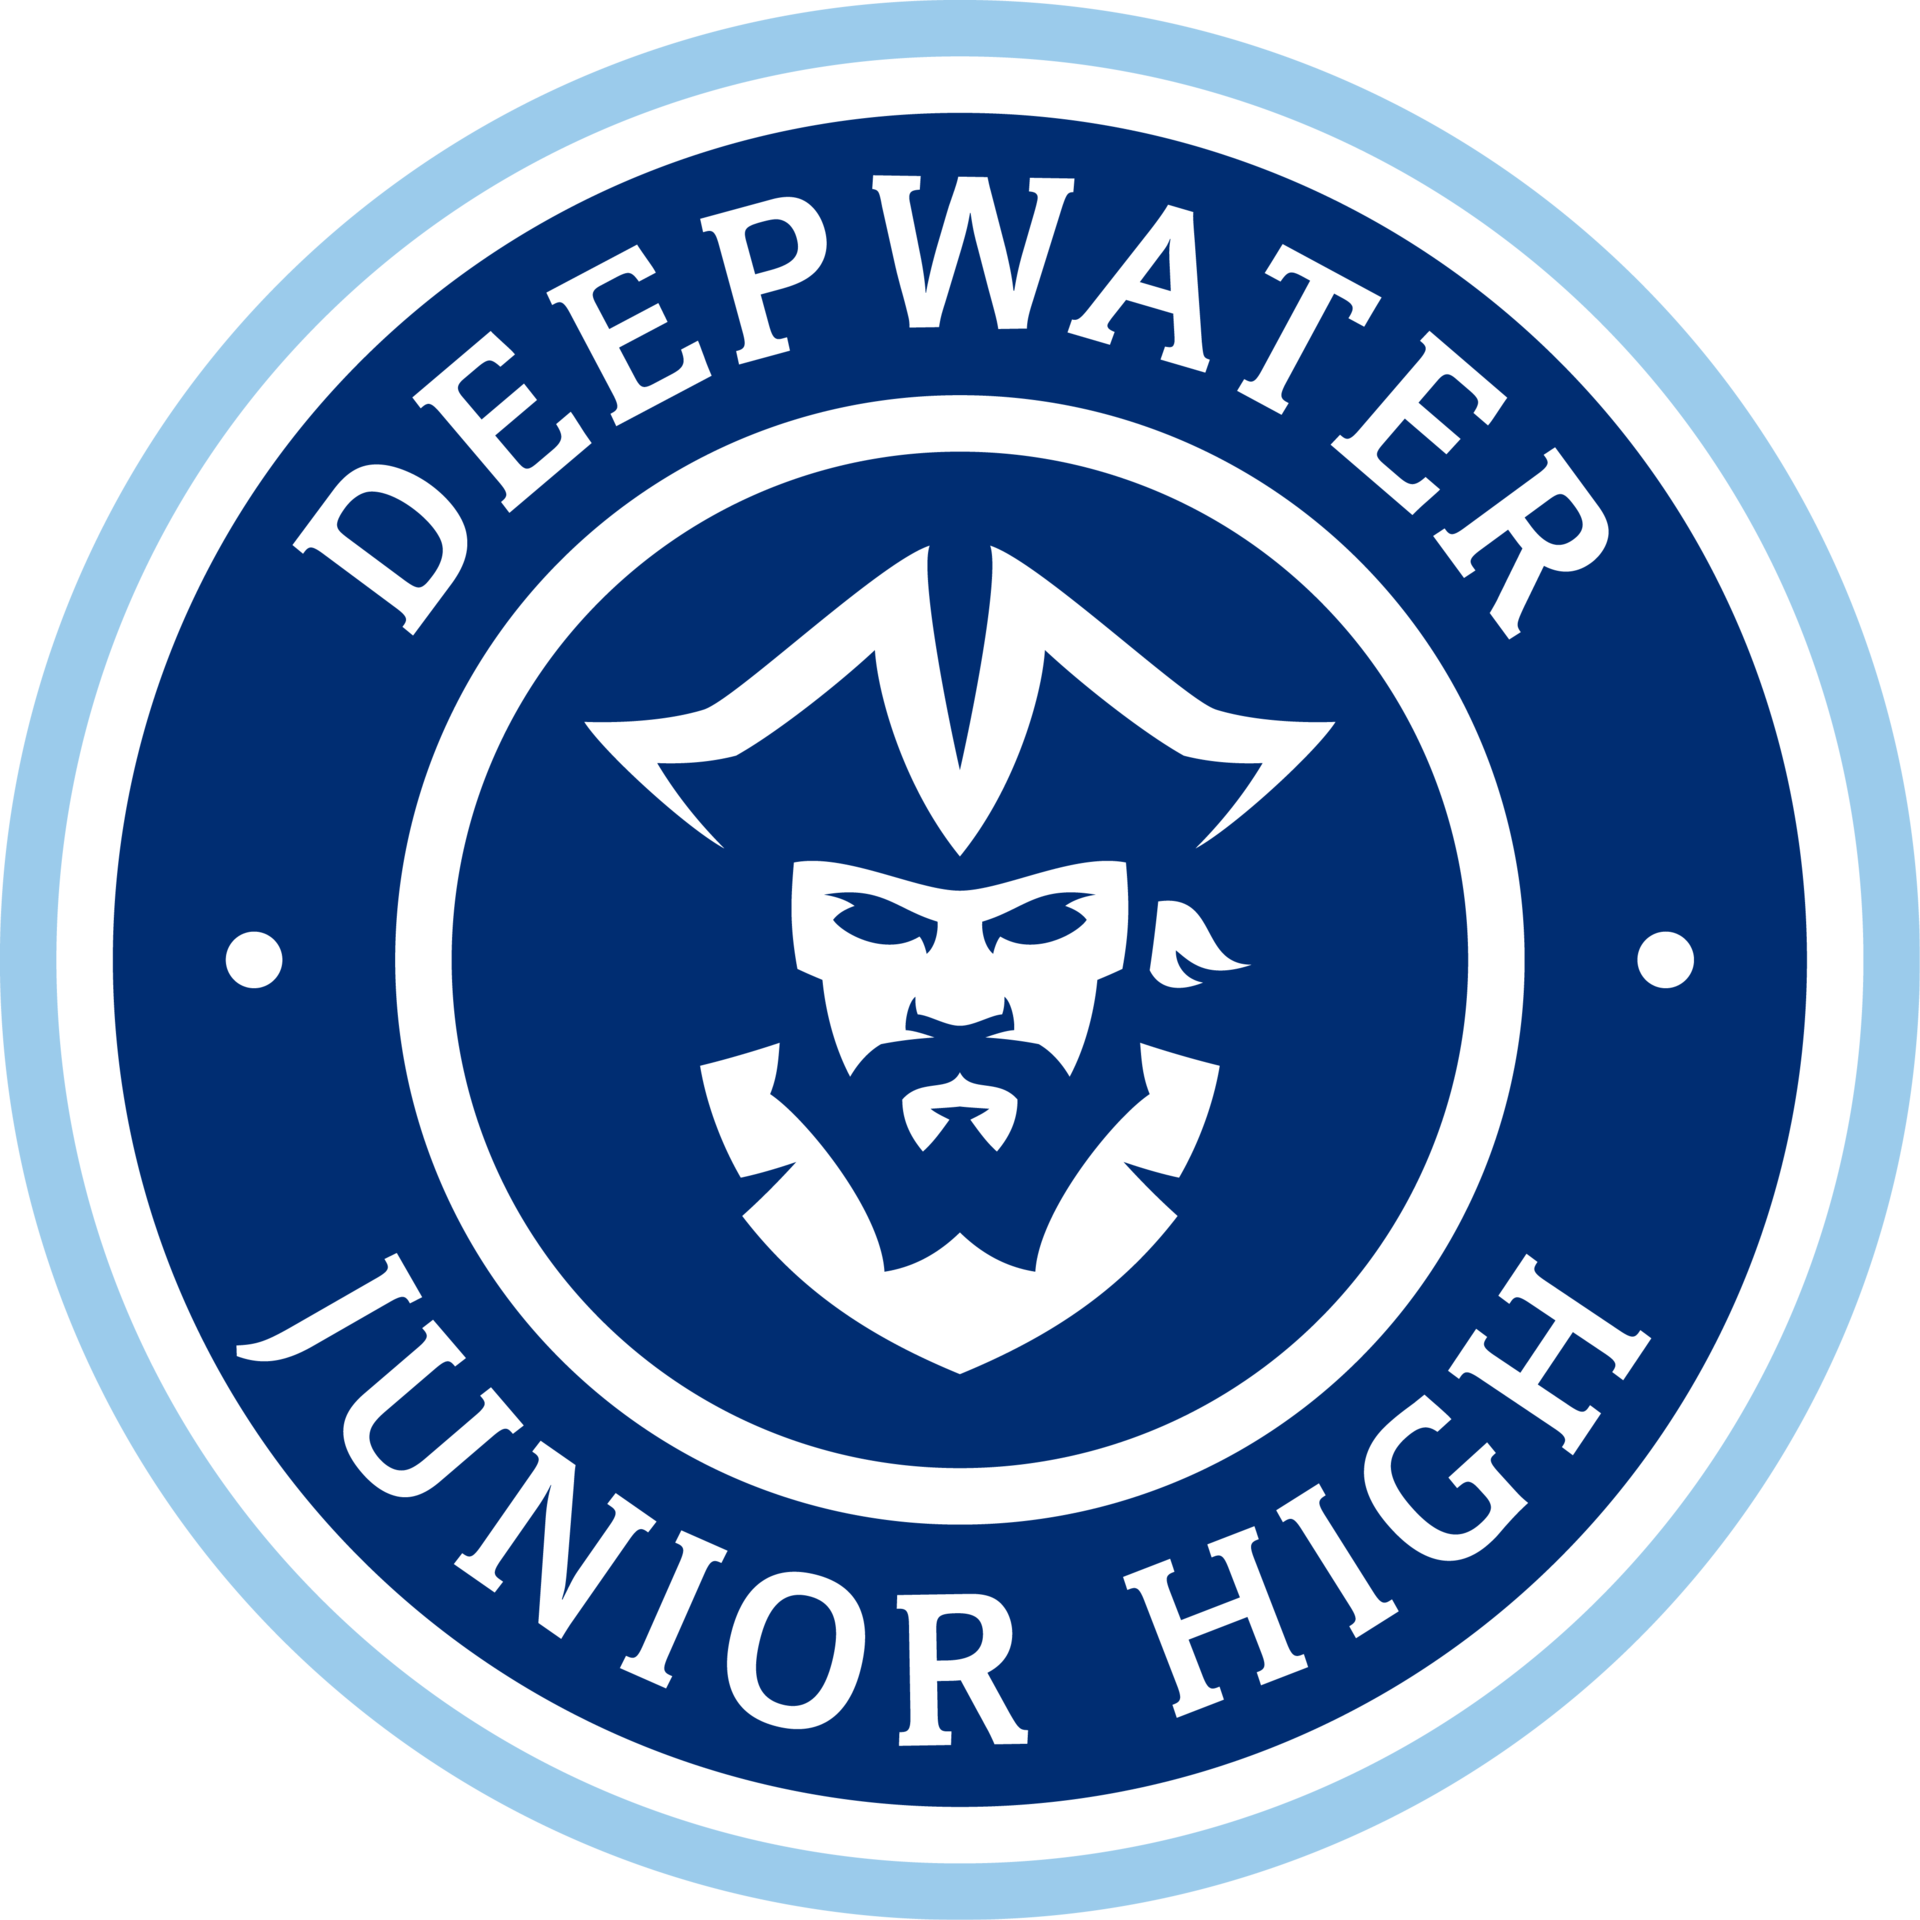 Deepwater Junior High school seal